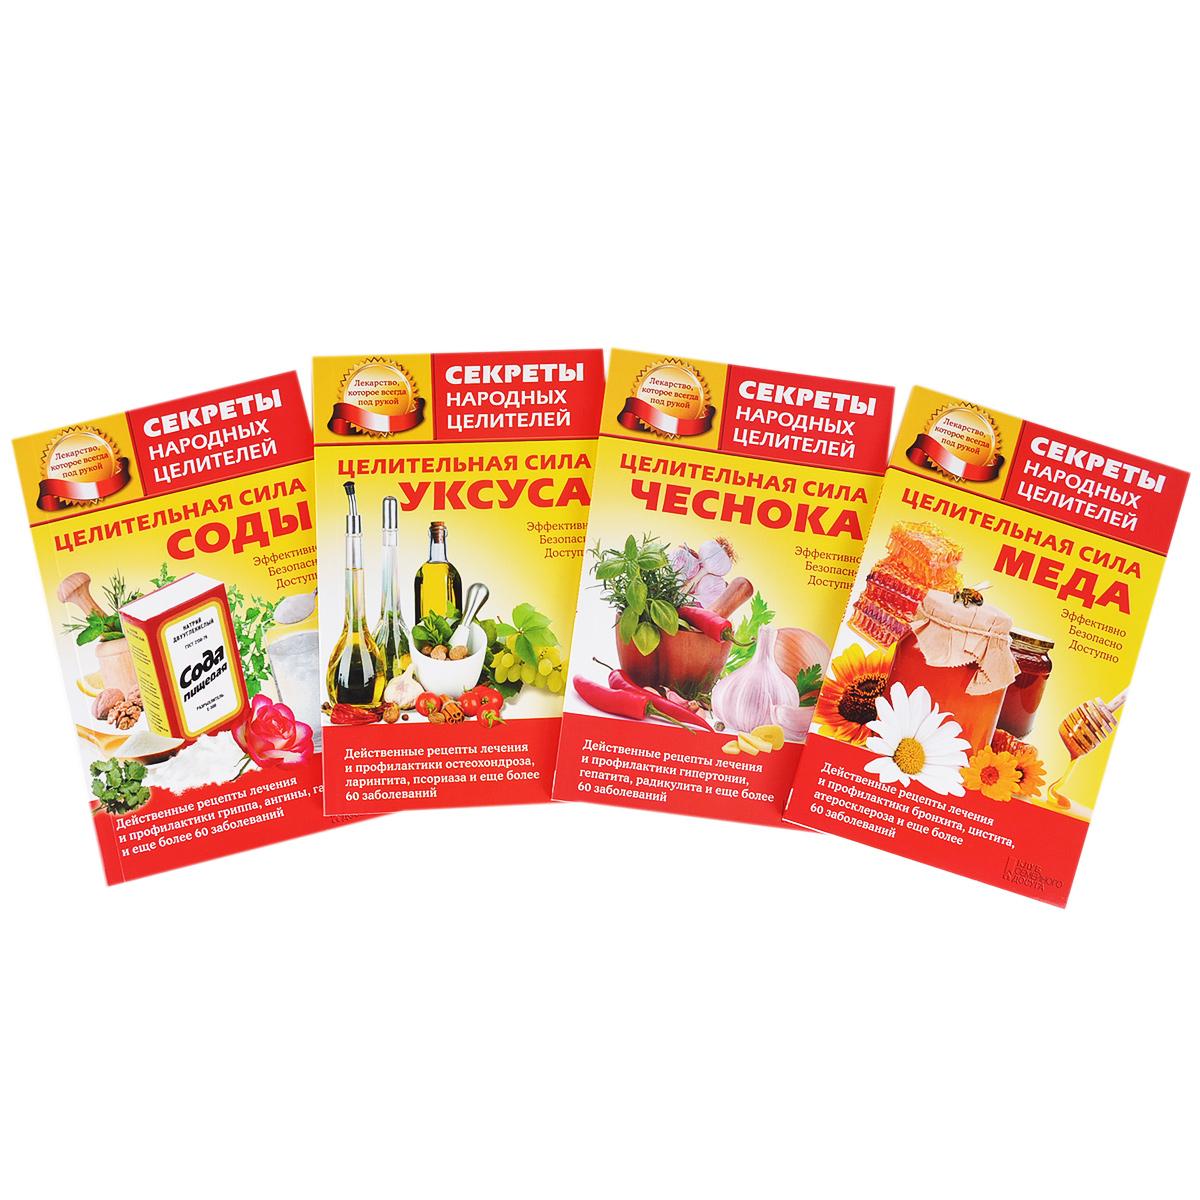 Целительная сила уксуса, чеснока, меда, соды (комплект из 4 книг)